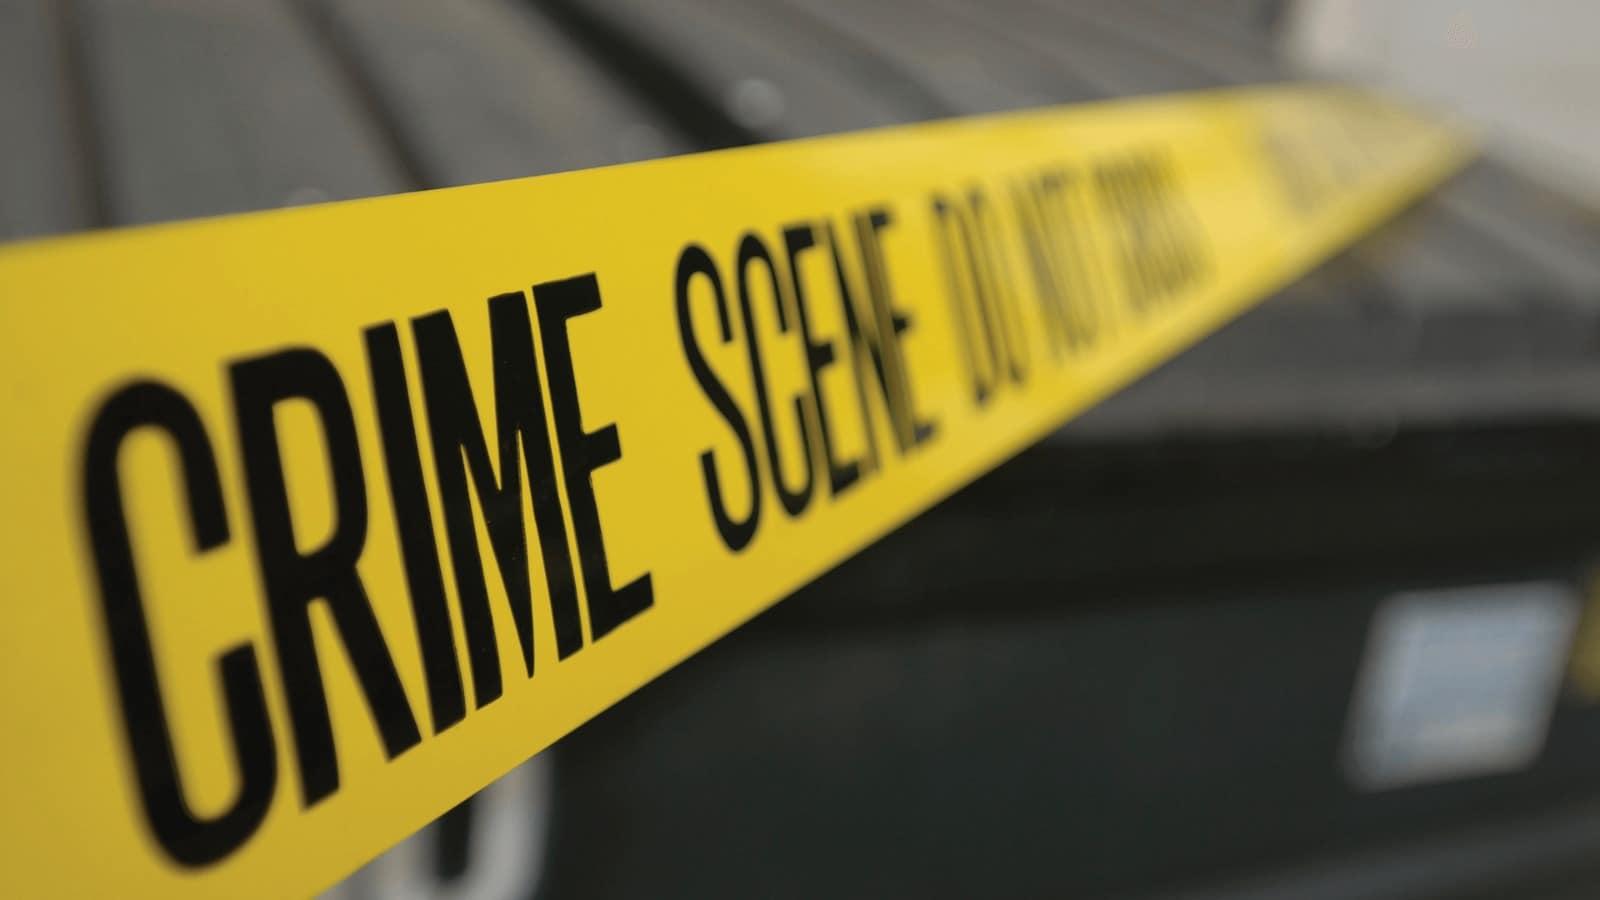 Psychopathie, crimineel gedrag, en strafrecht